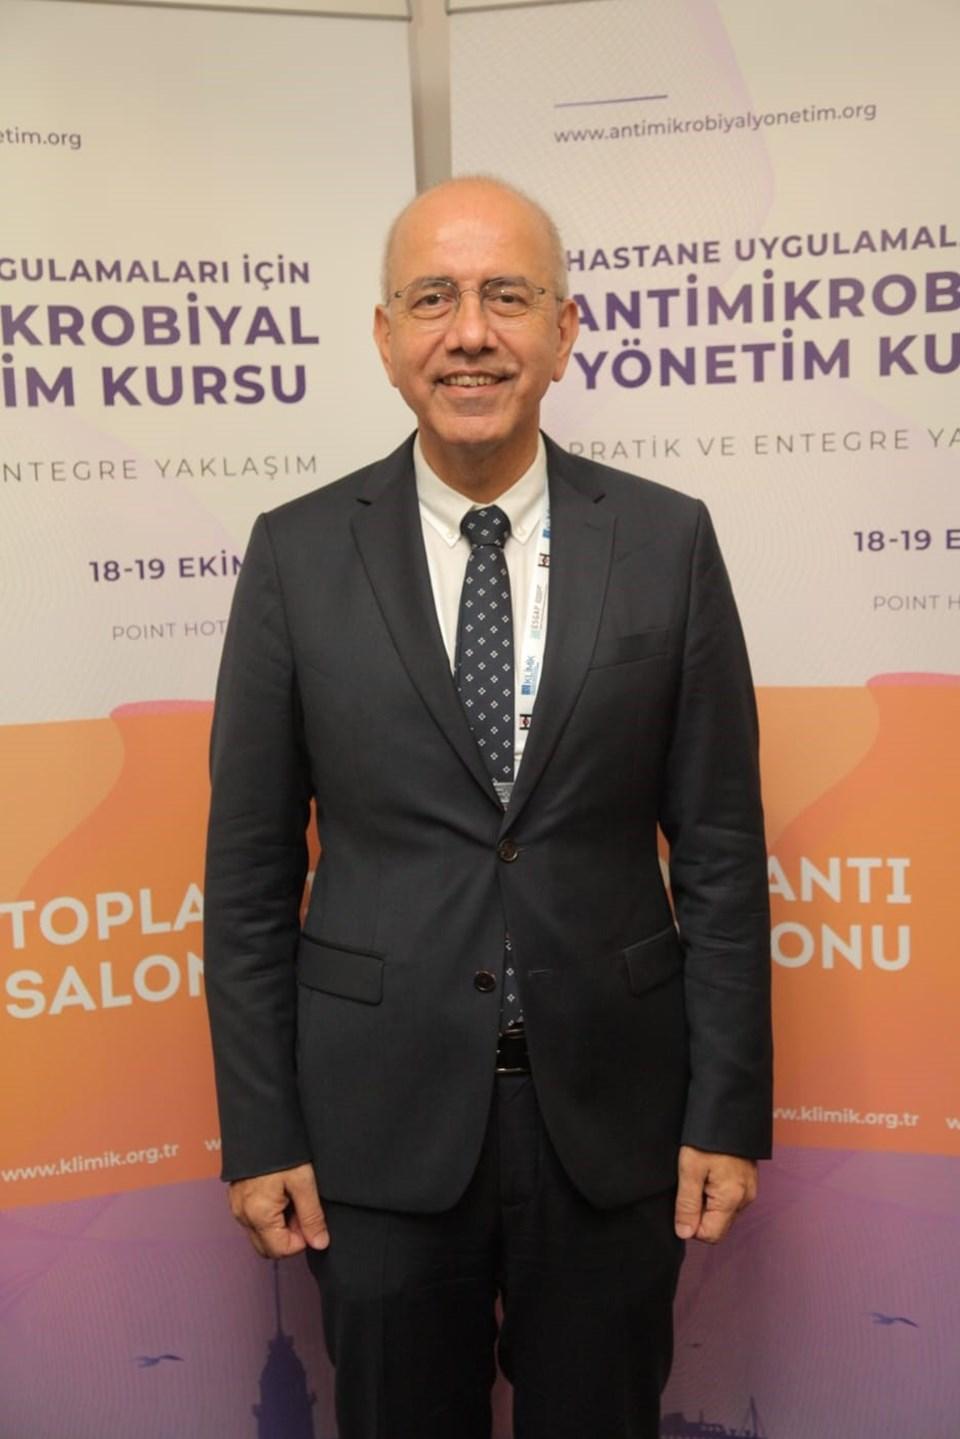 Prof. Dr. Önder Ergönül